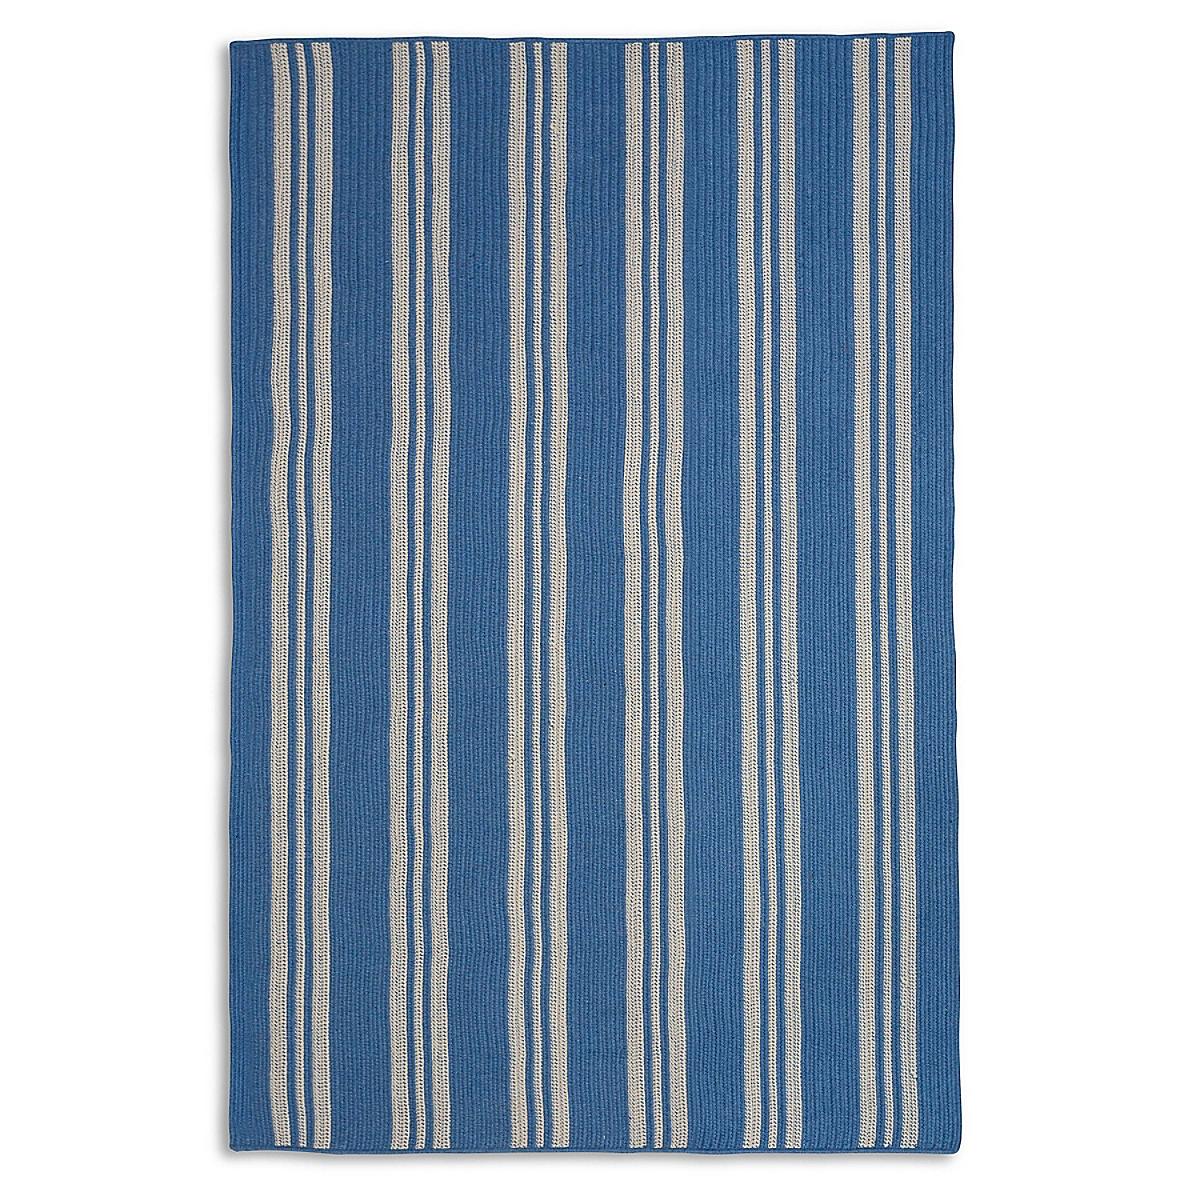 Sunbrella Longboard Rug - French Blue